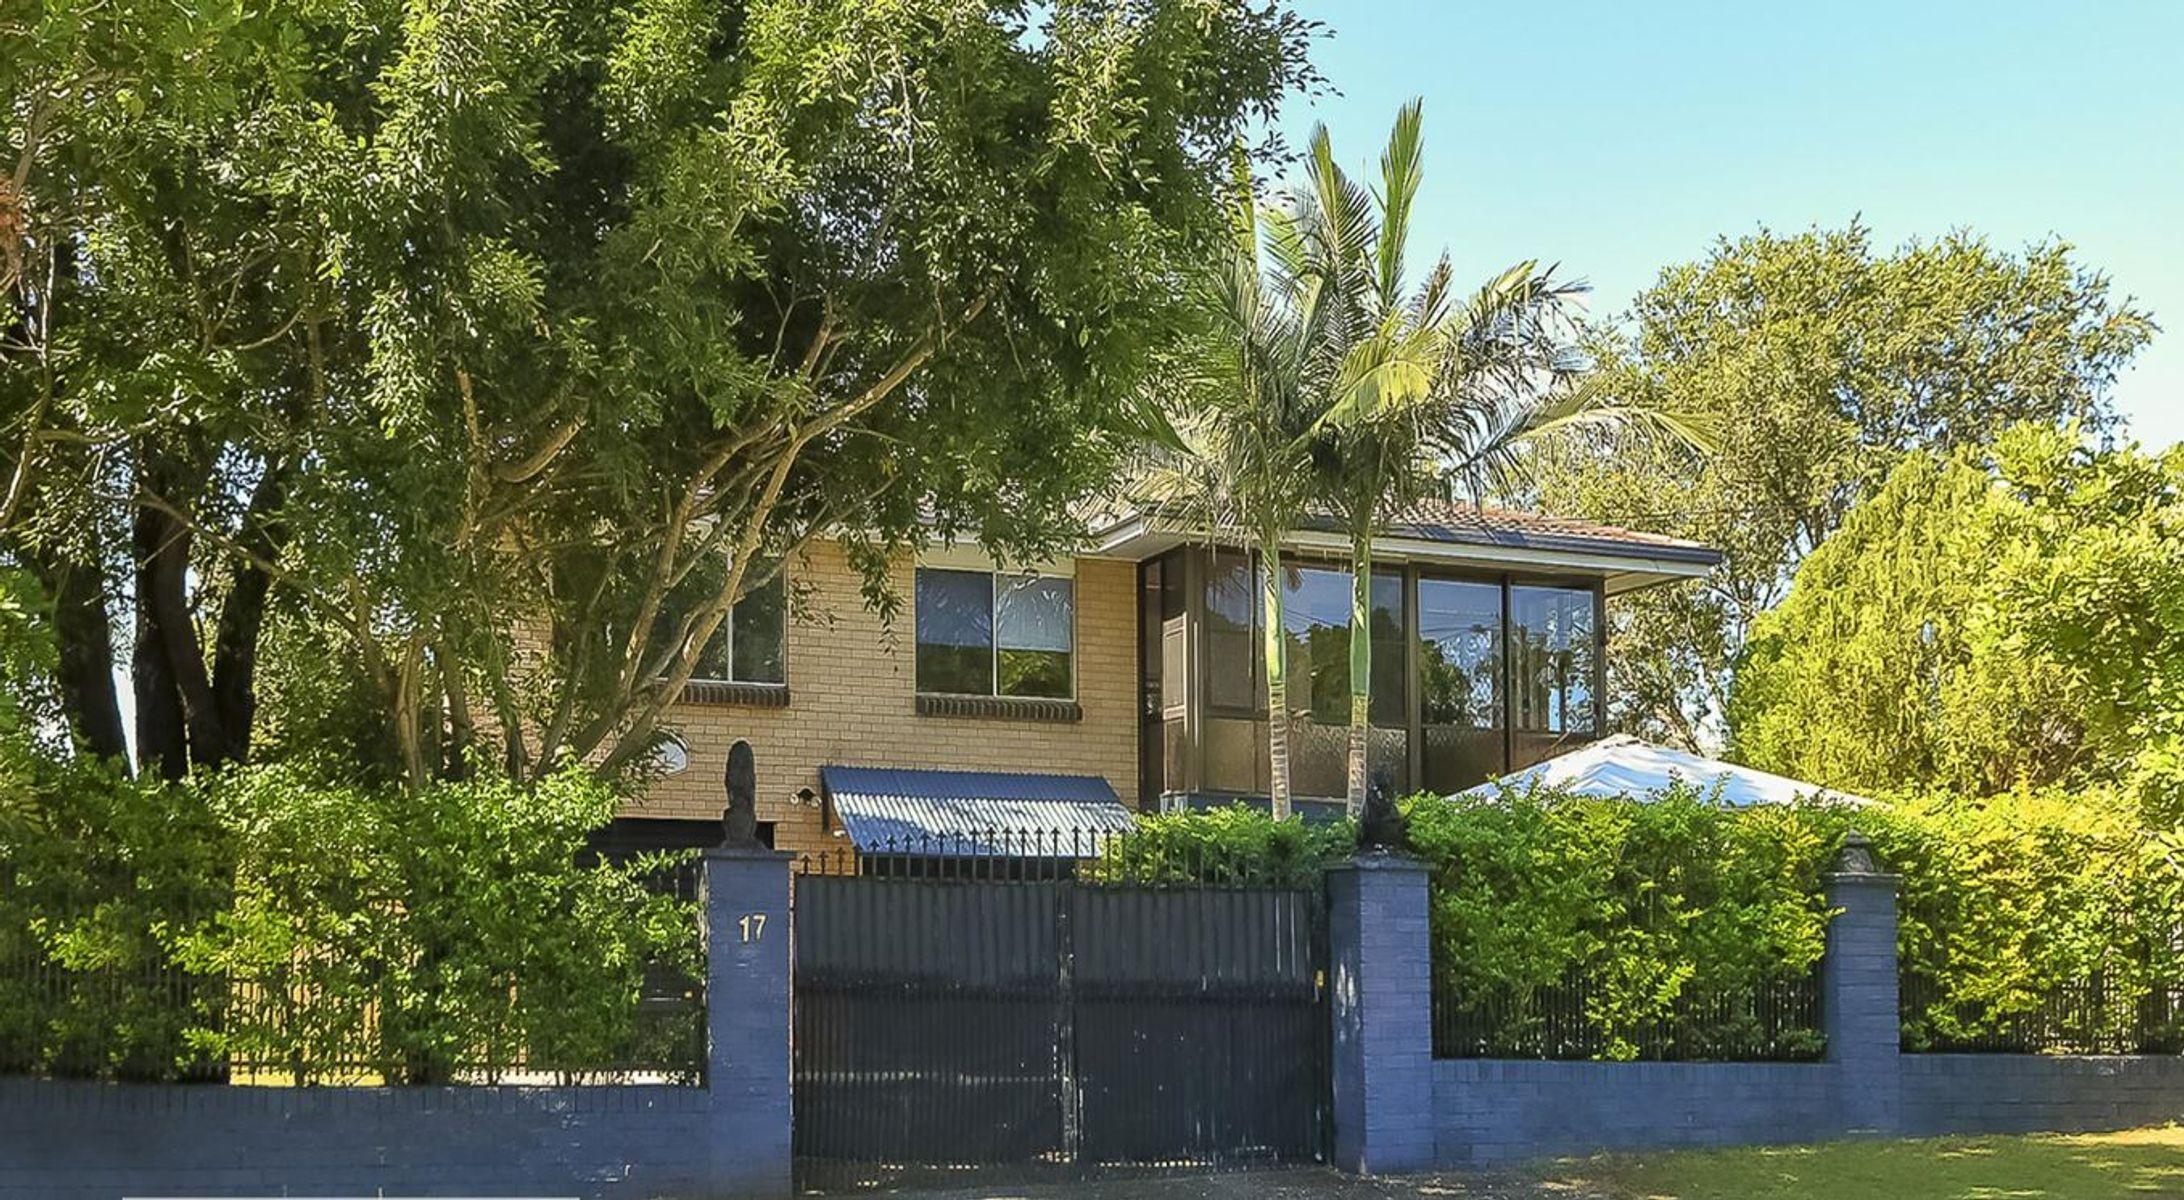 17 Fawkner Street, Slacks Creek, QLD 4127